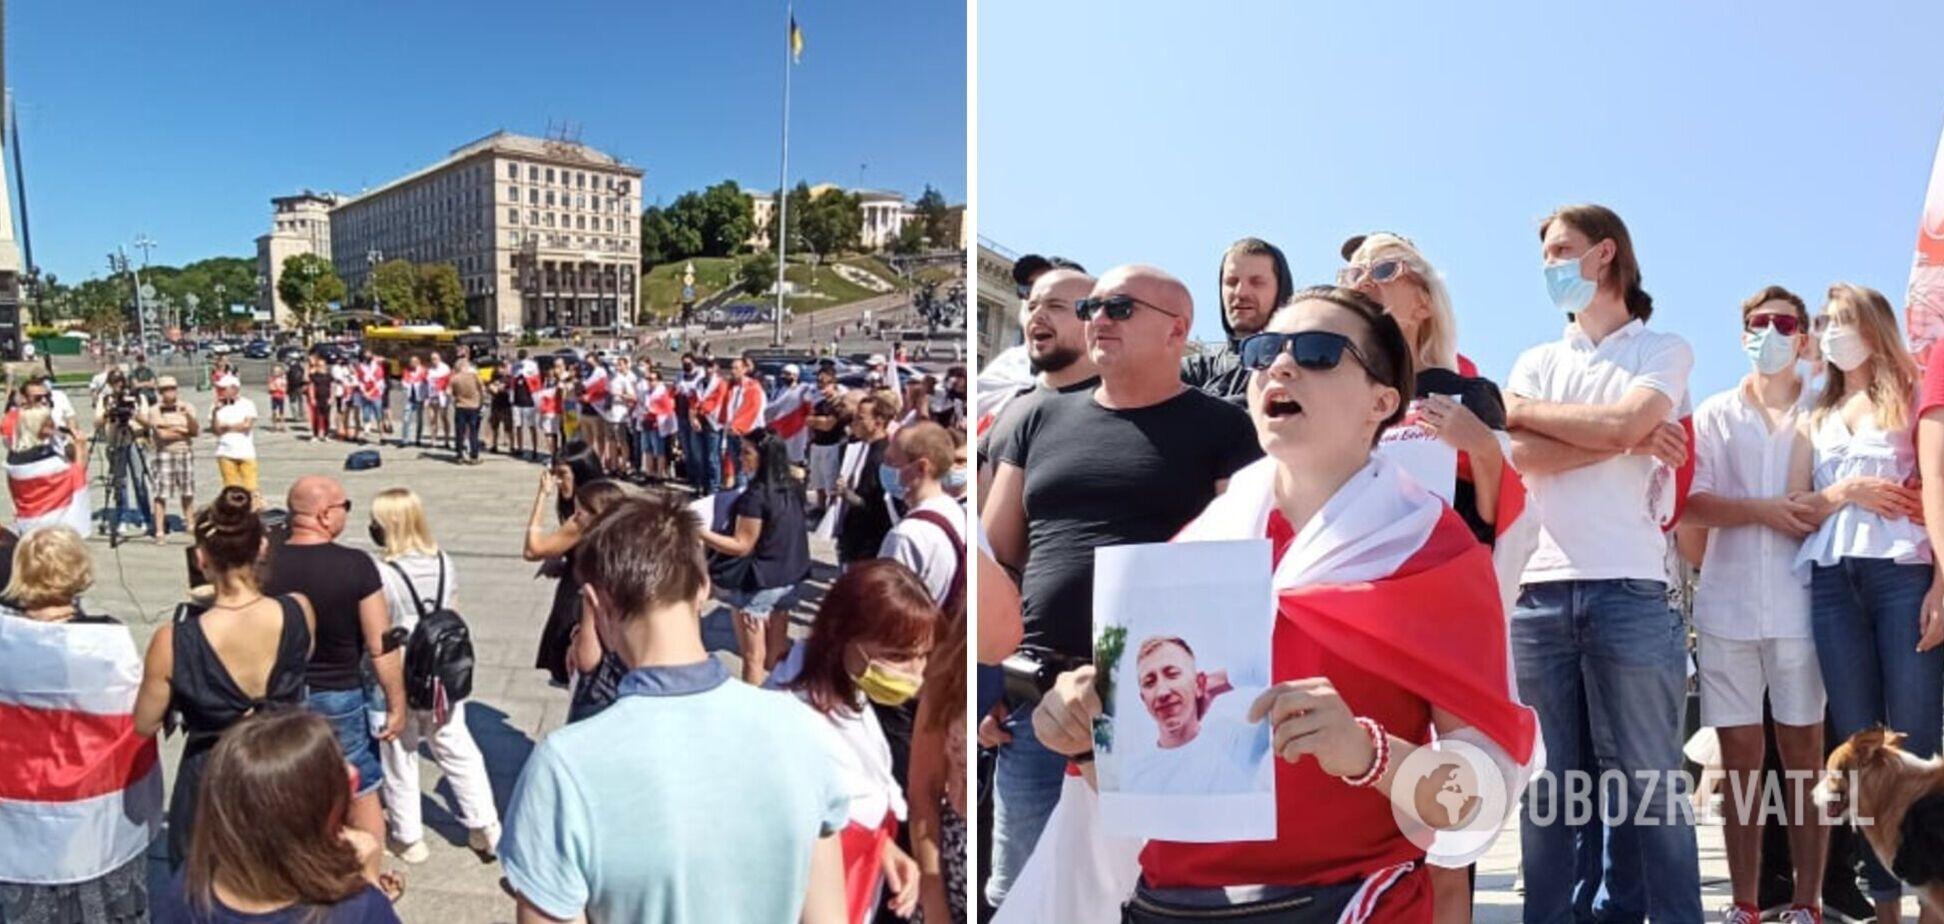 В Киеве на акции в память о Шишове произошли столкновения. Фото и видео